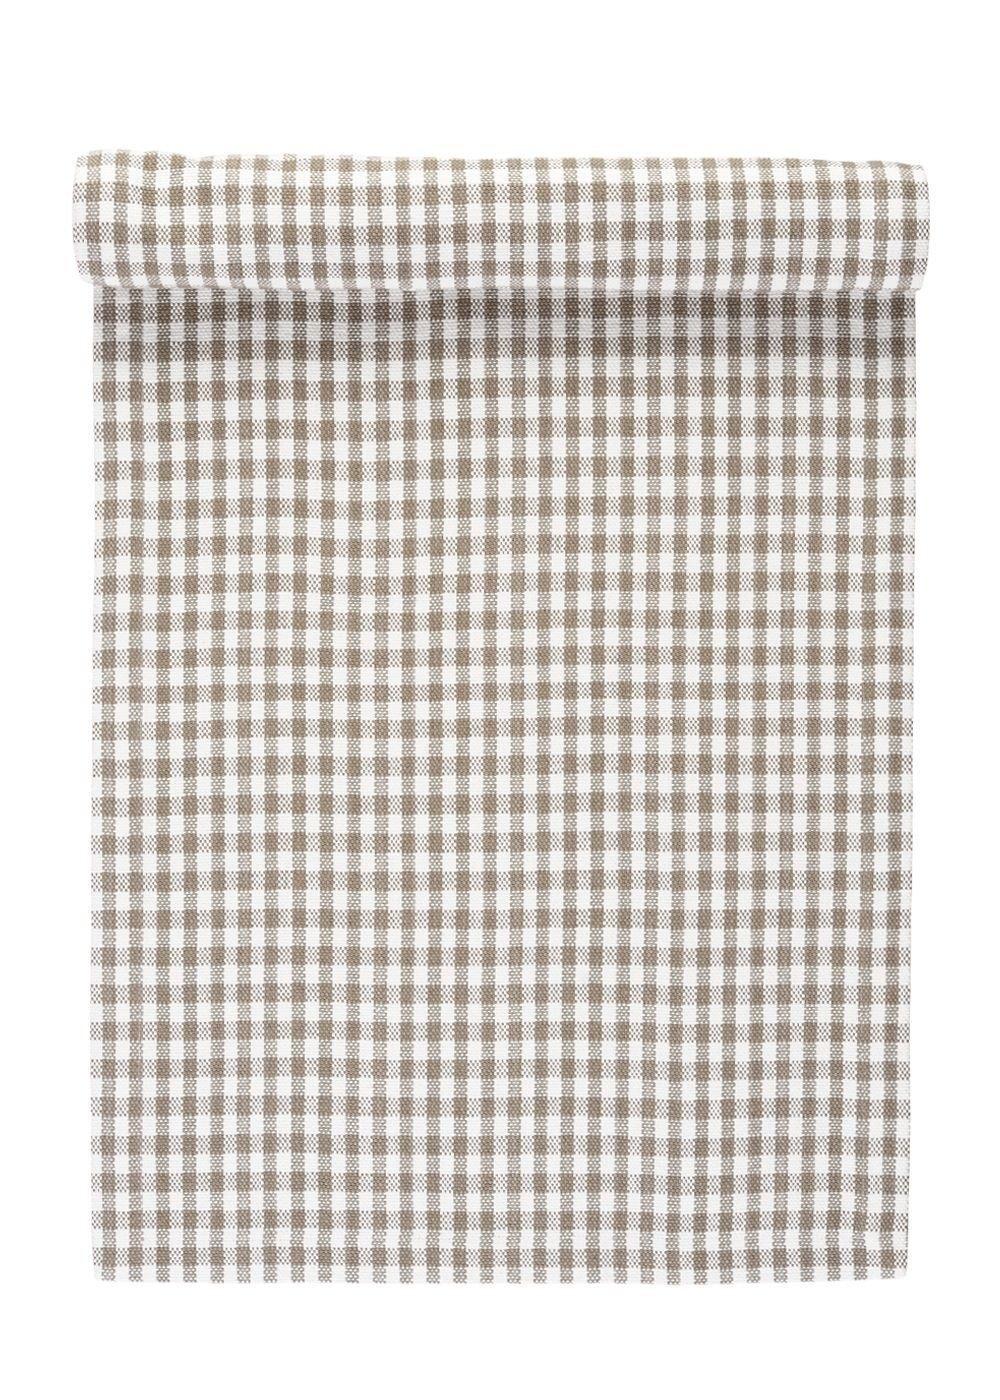 Linum Osby Tischläufer 45x150 blaugrün C42: Amazon.de: Küche & Haushalt